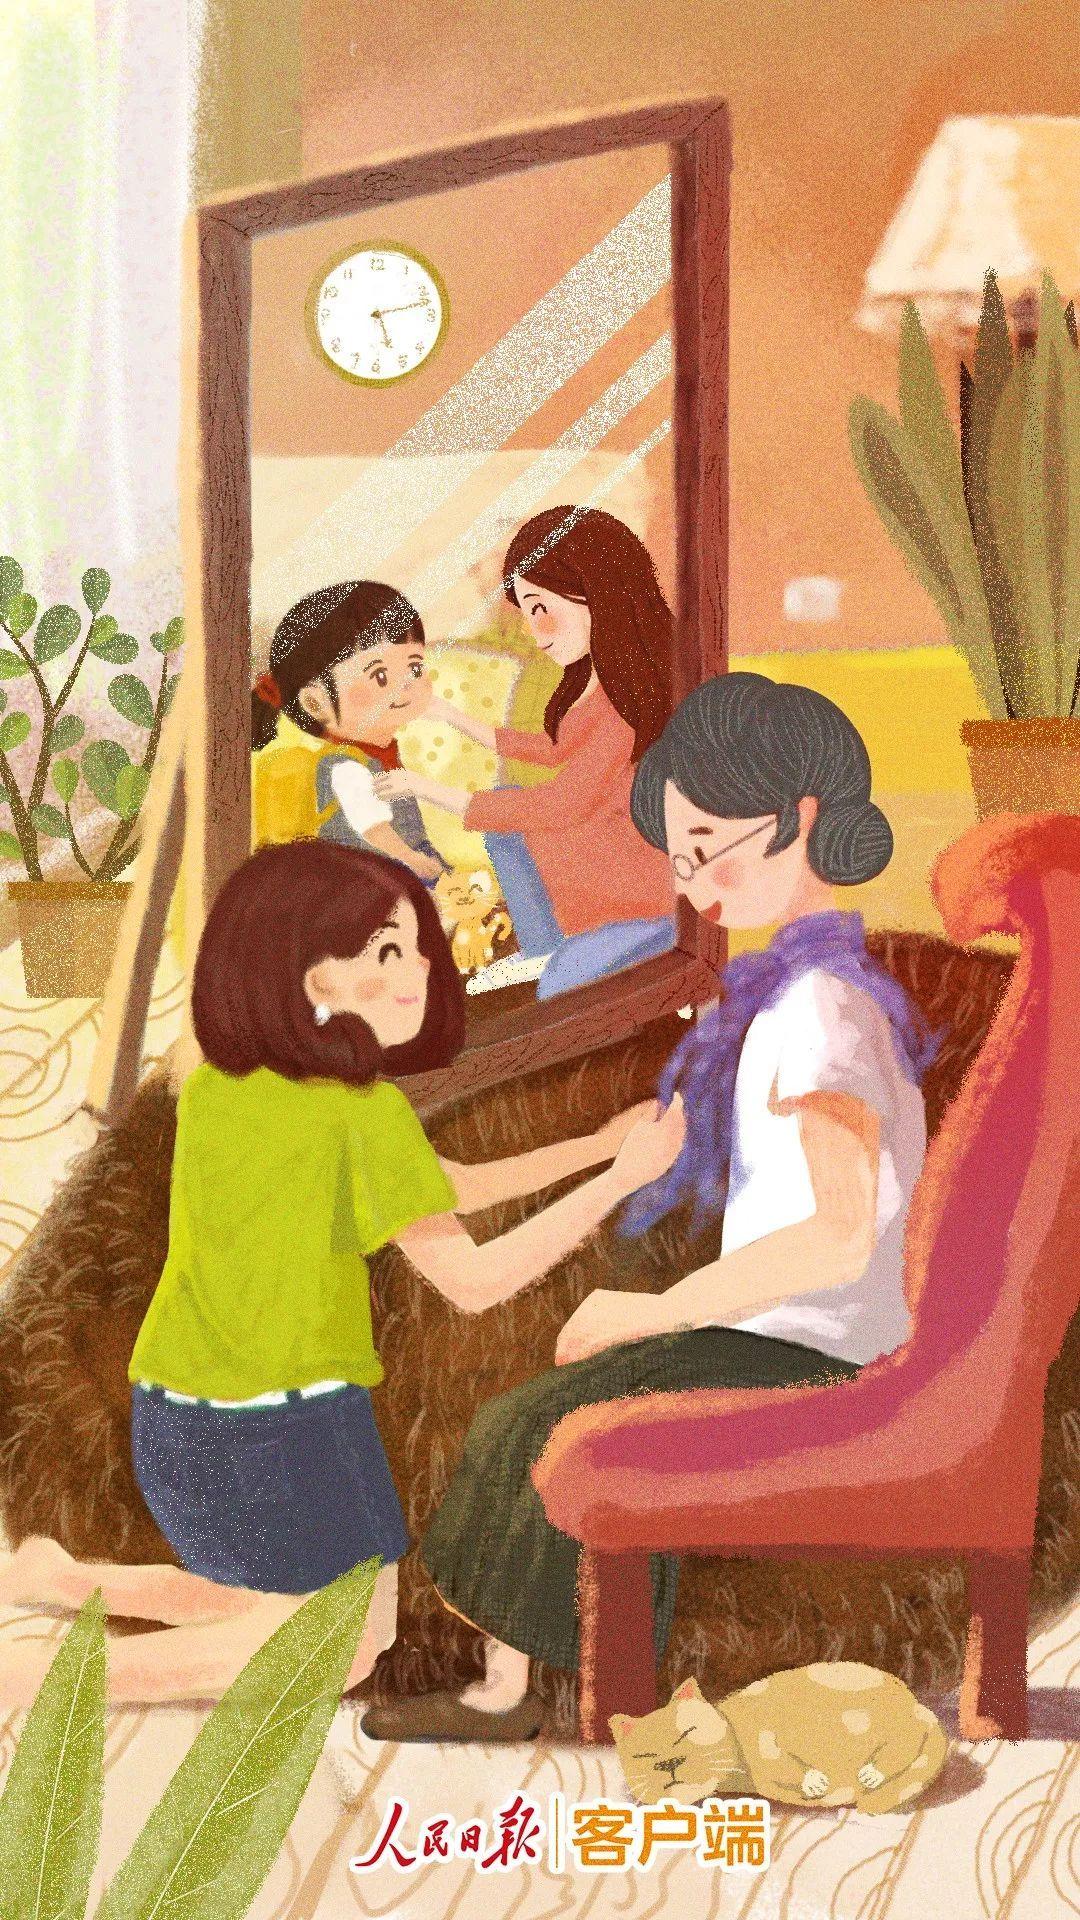 《故事枕头》52集全-中国-少儿-优酷网,视频高清在线观看-又...